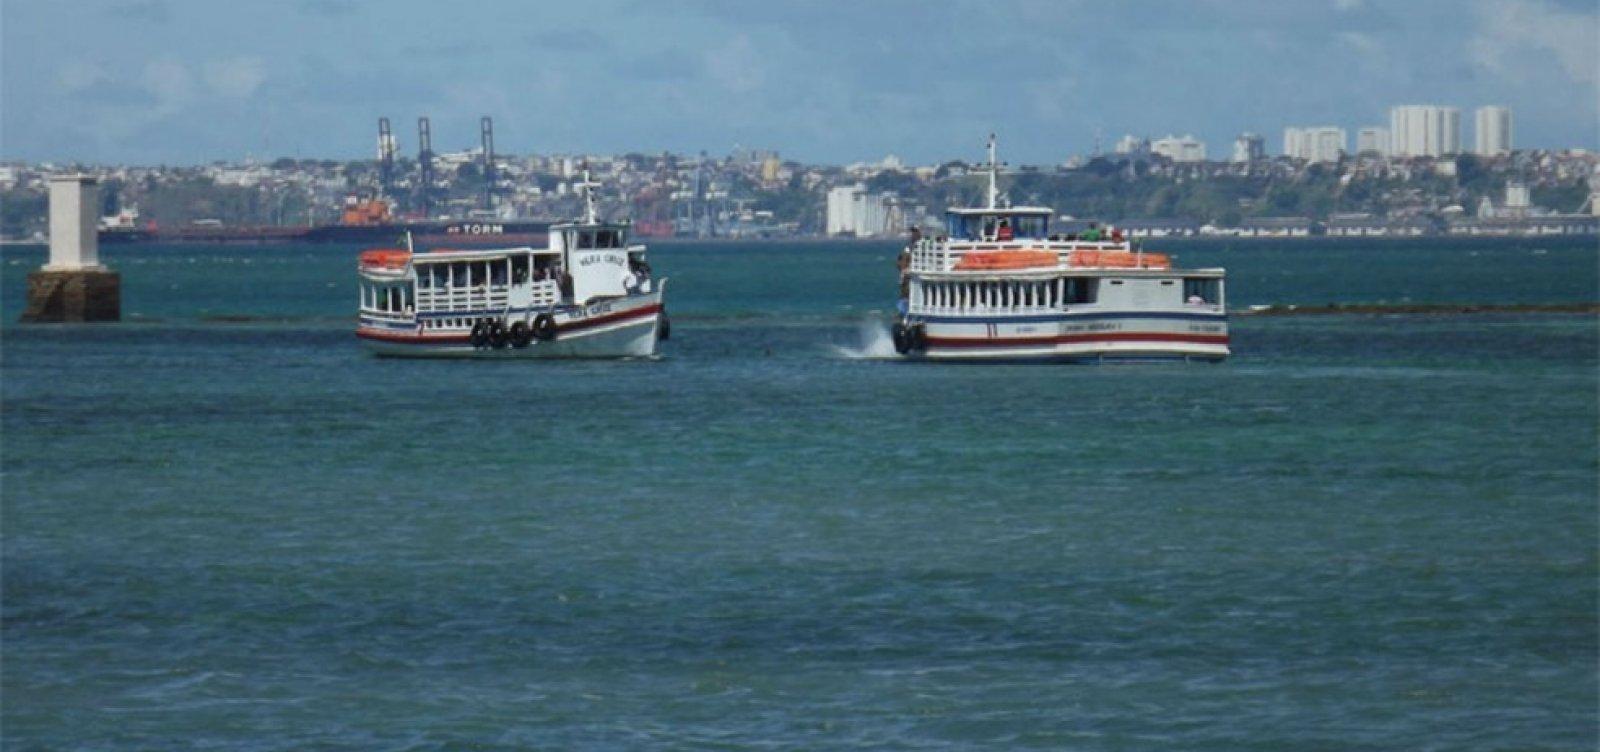 Por conta de mau tempo, travessia Salvador-Mar Grande é suspensa nesta segunda